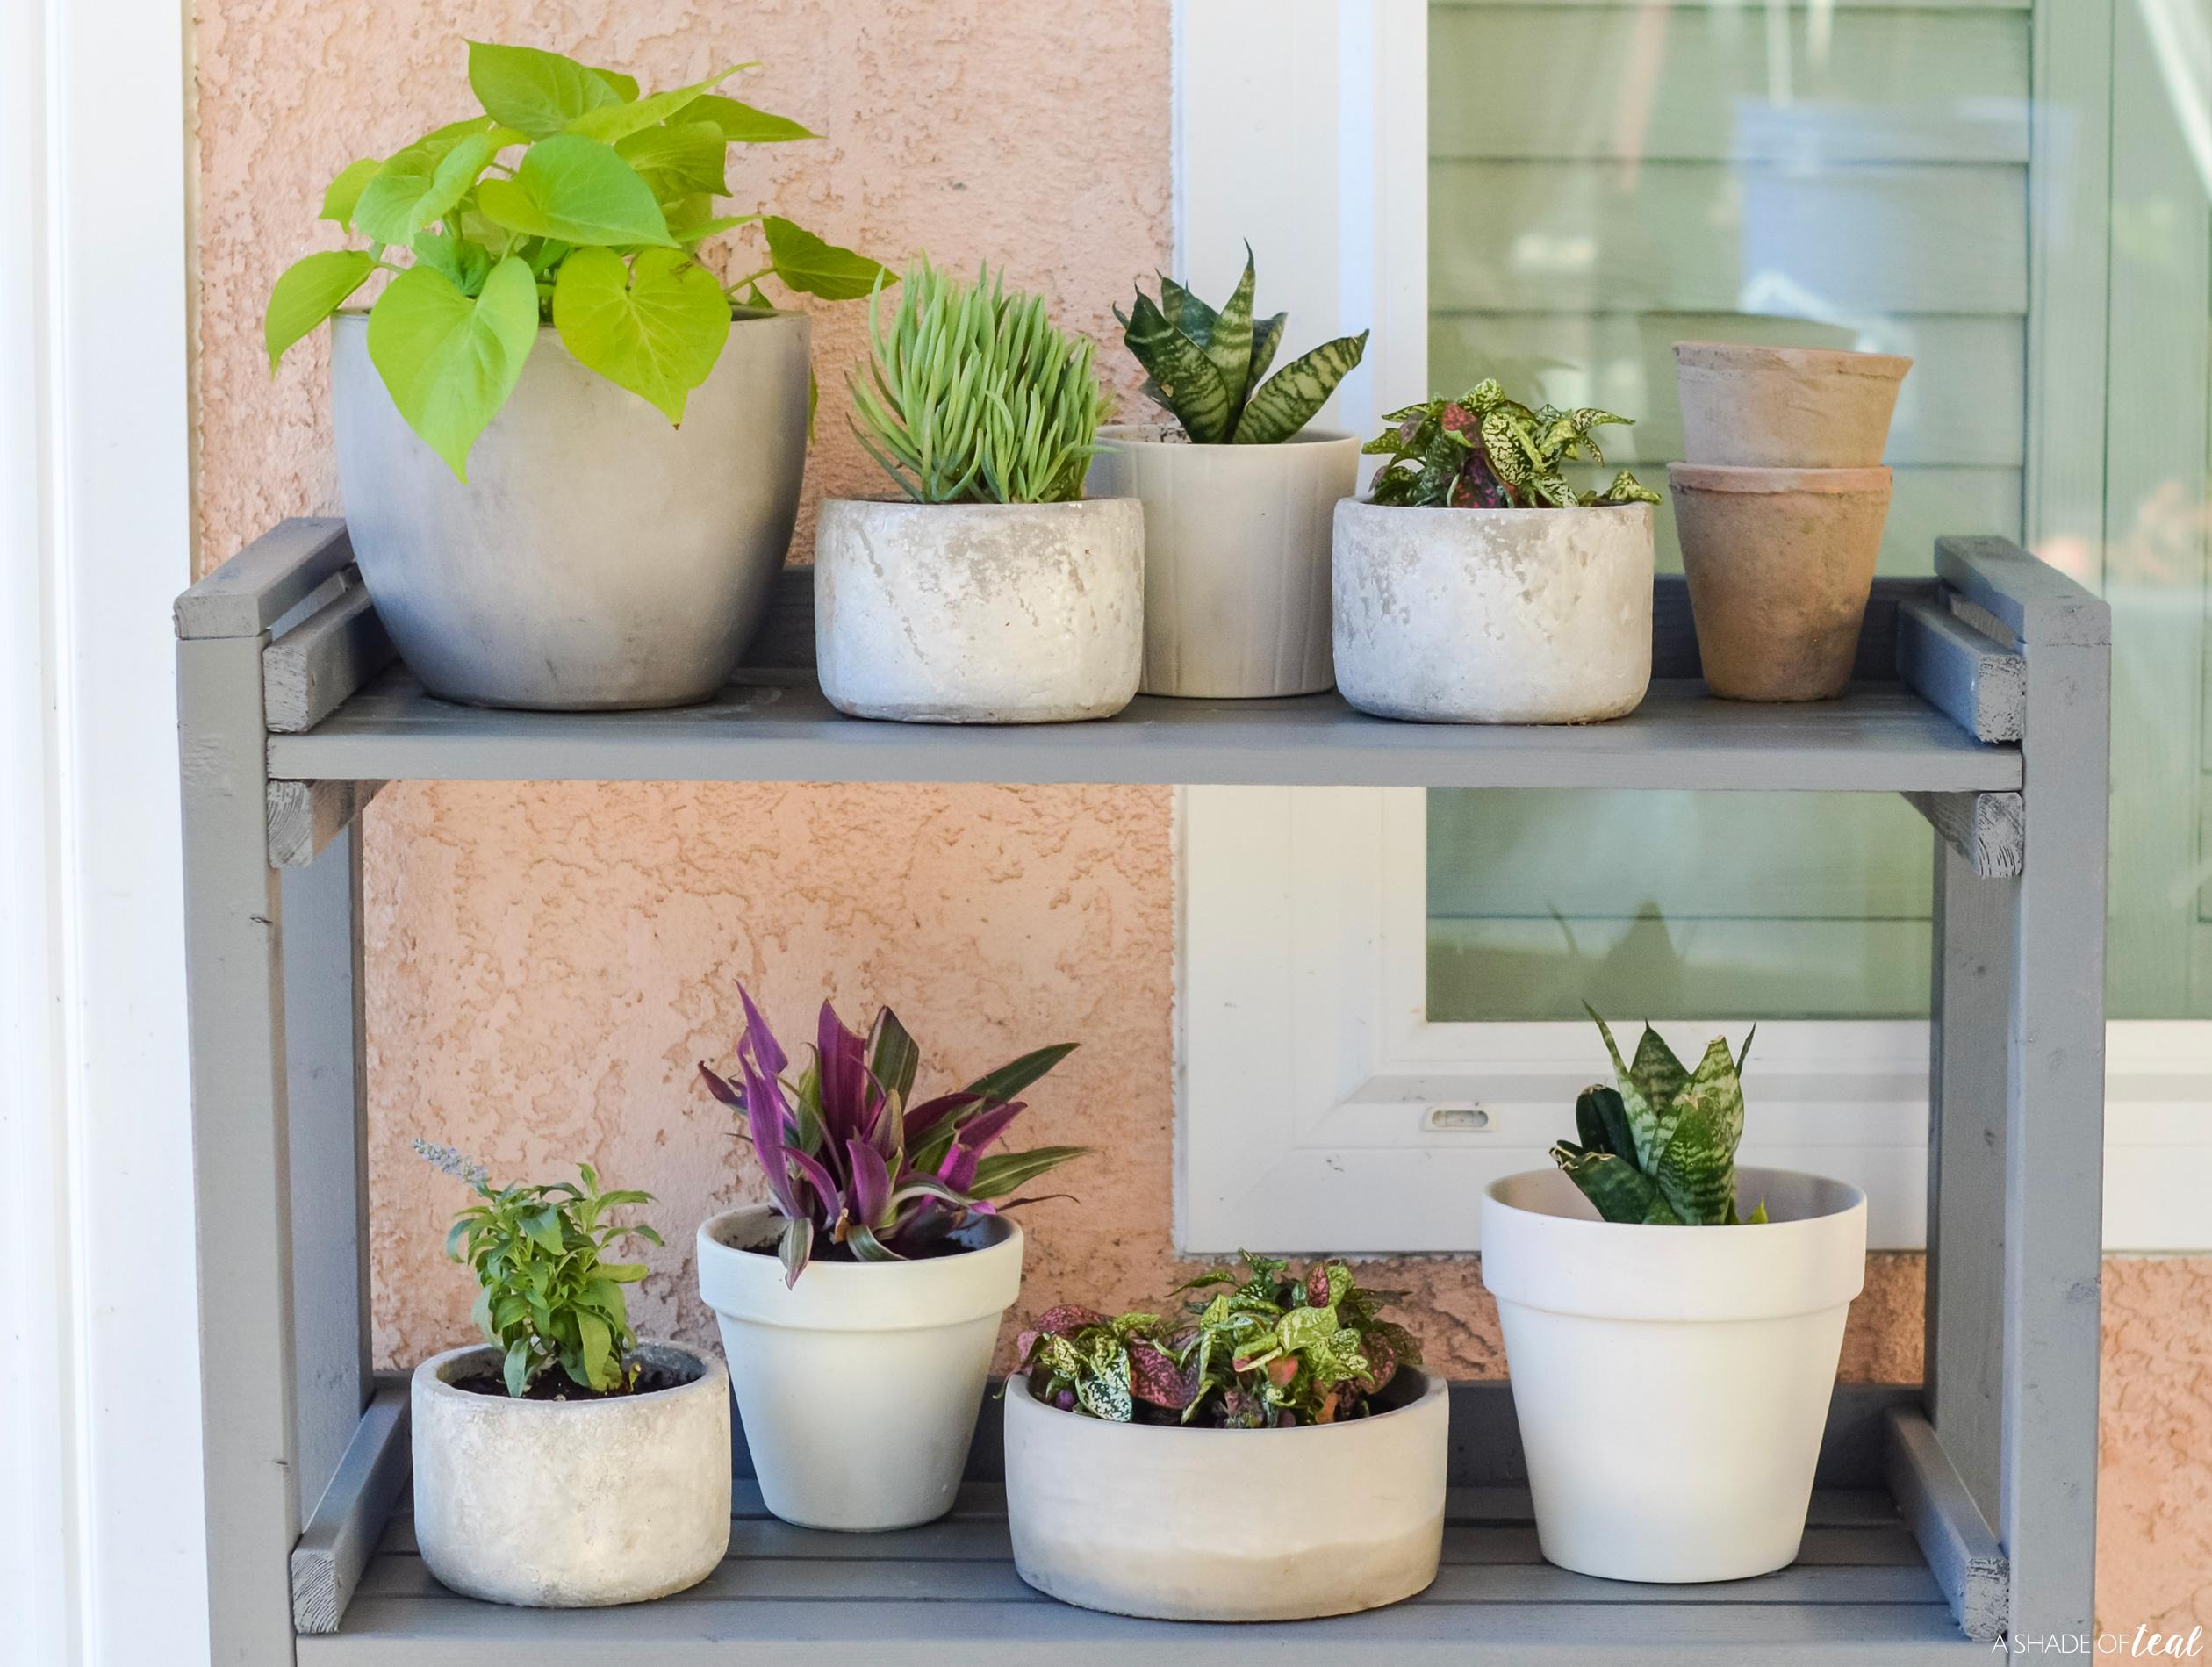 Diy How To Make A Outdoor Plant Shelf